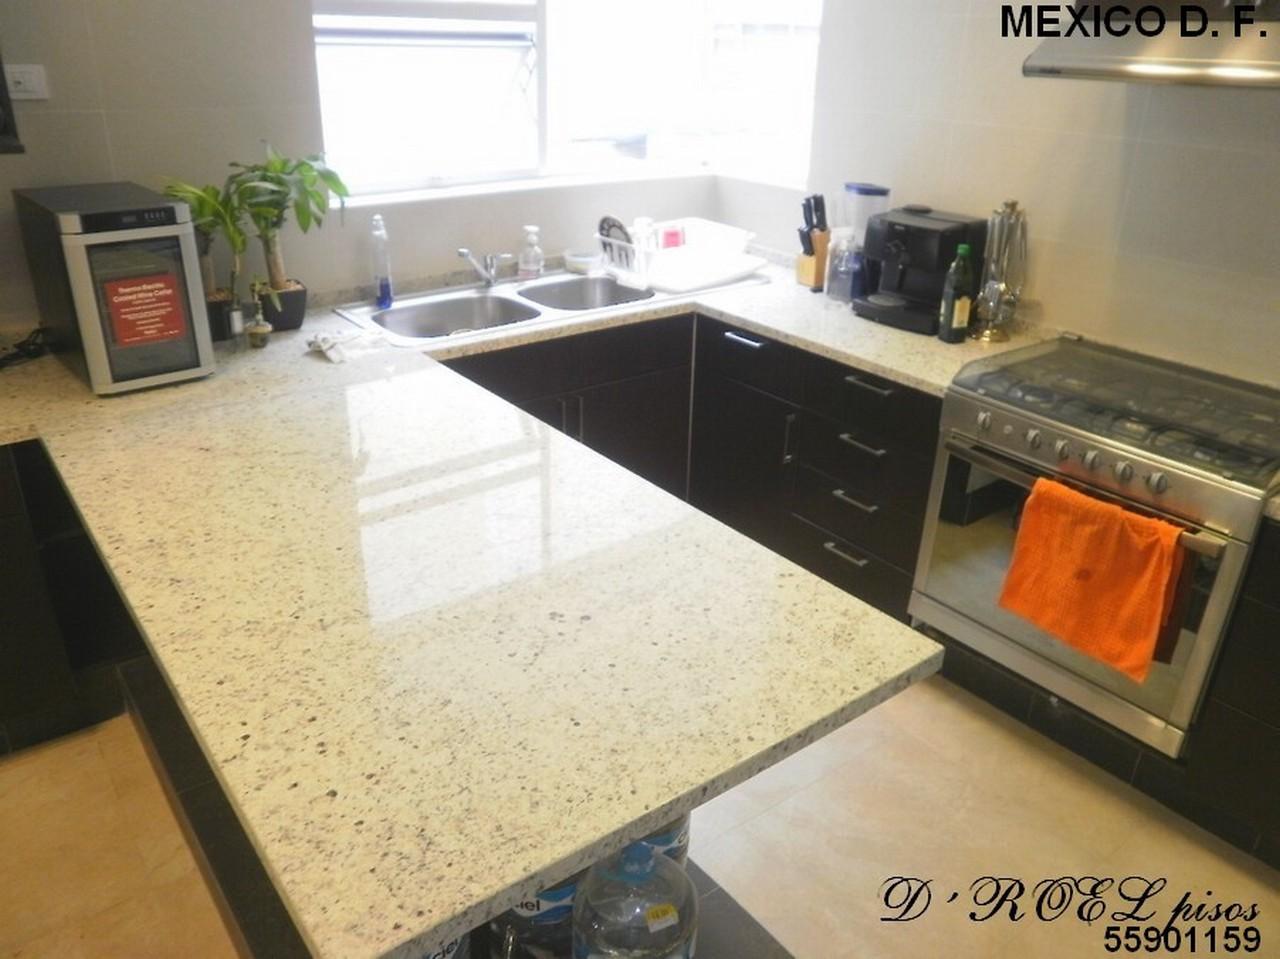 Droelpisosmexico pulido de pisos for Pulido de pisos de granito